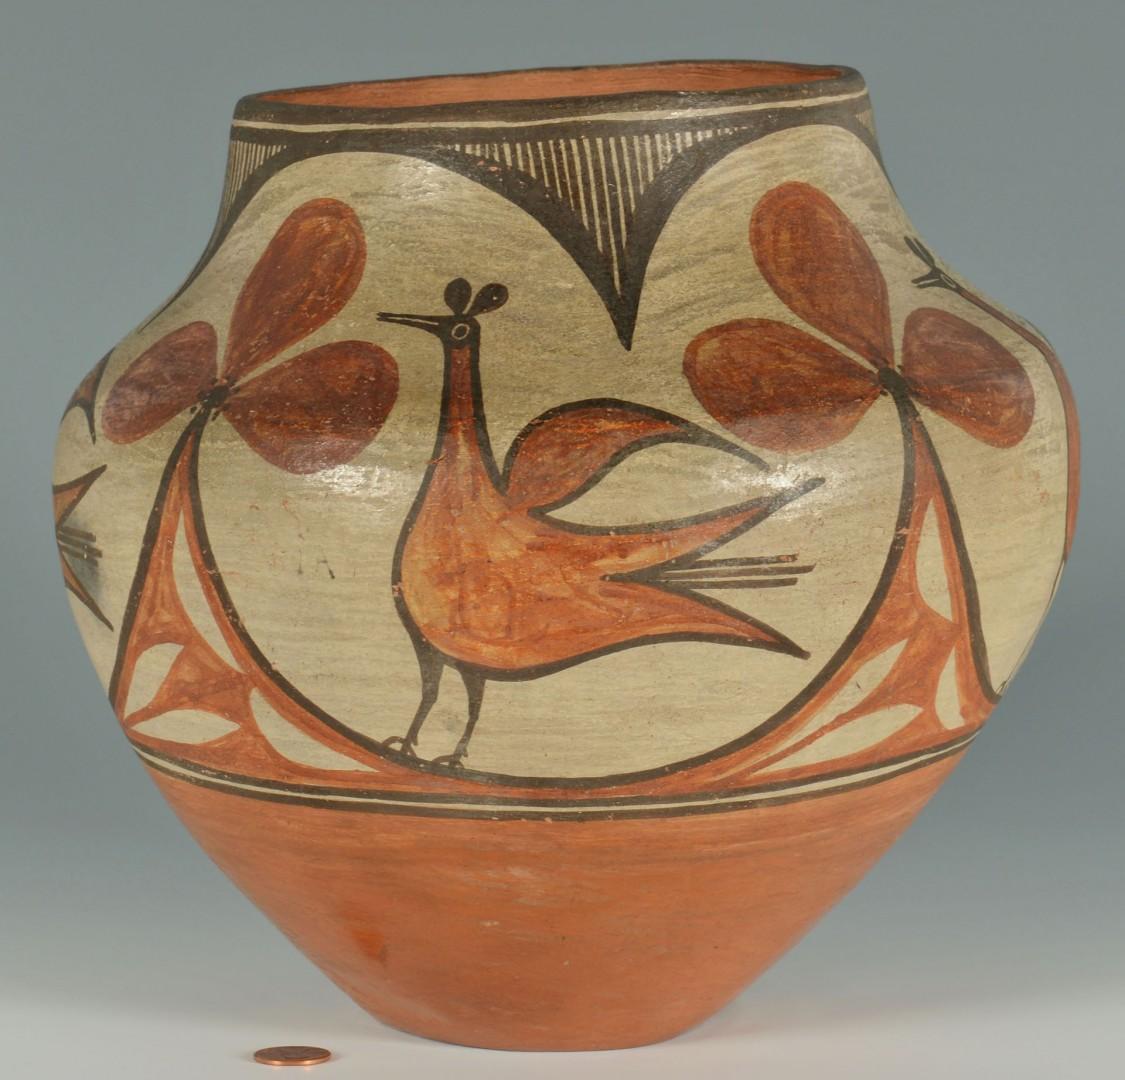 Zia Redware Pottery Olla